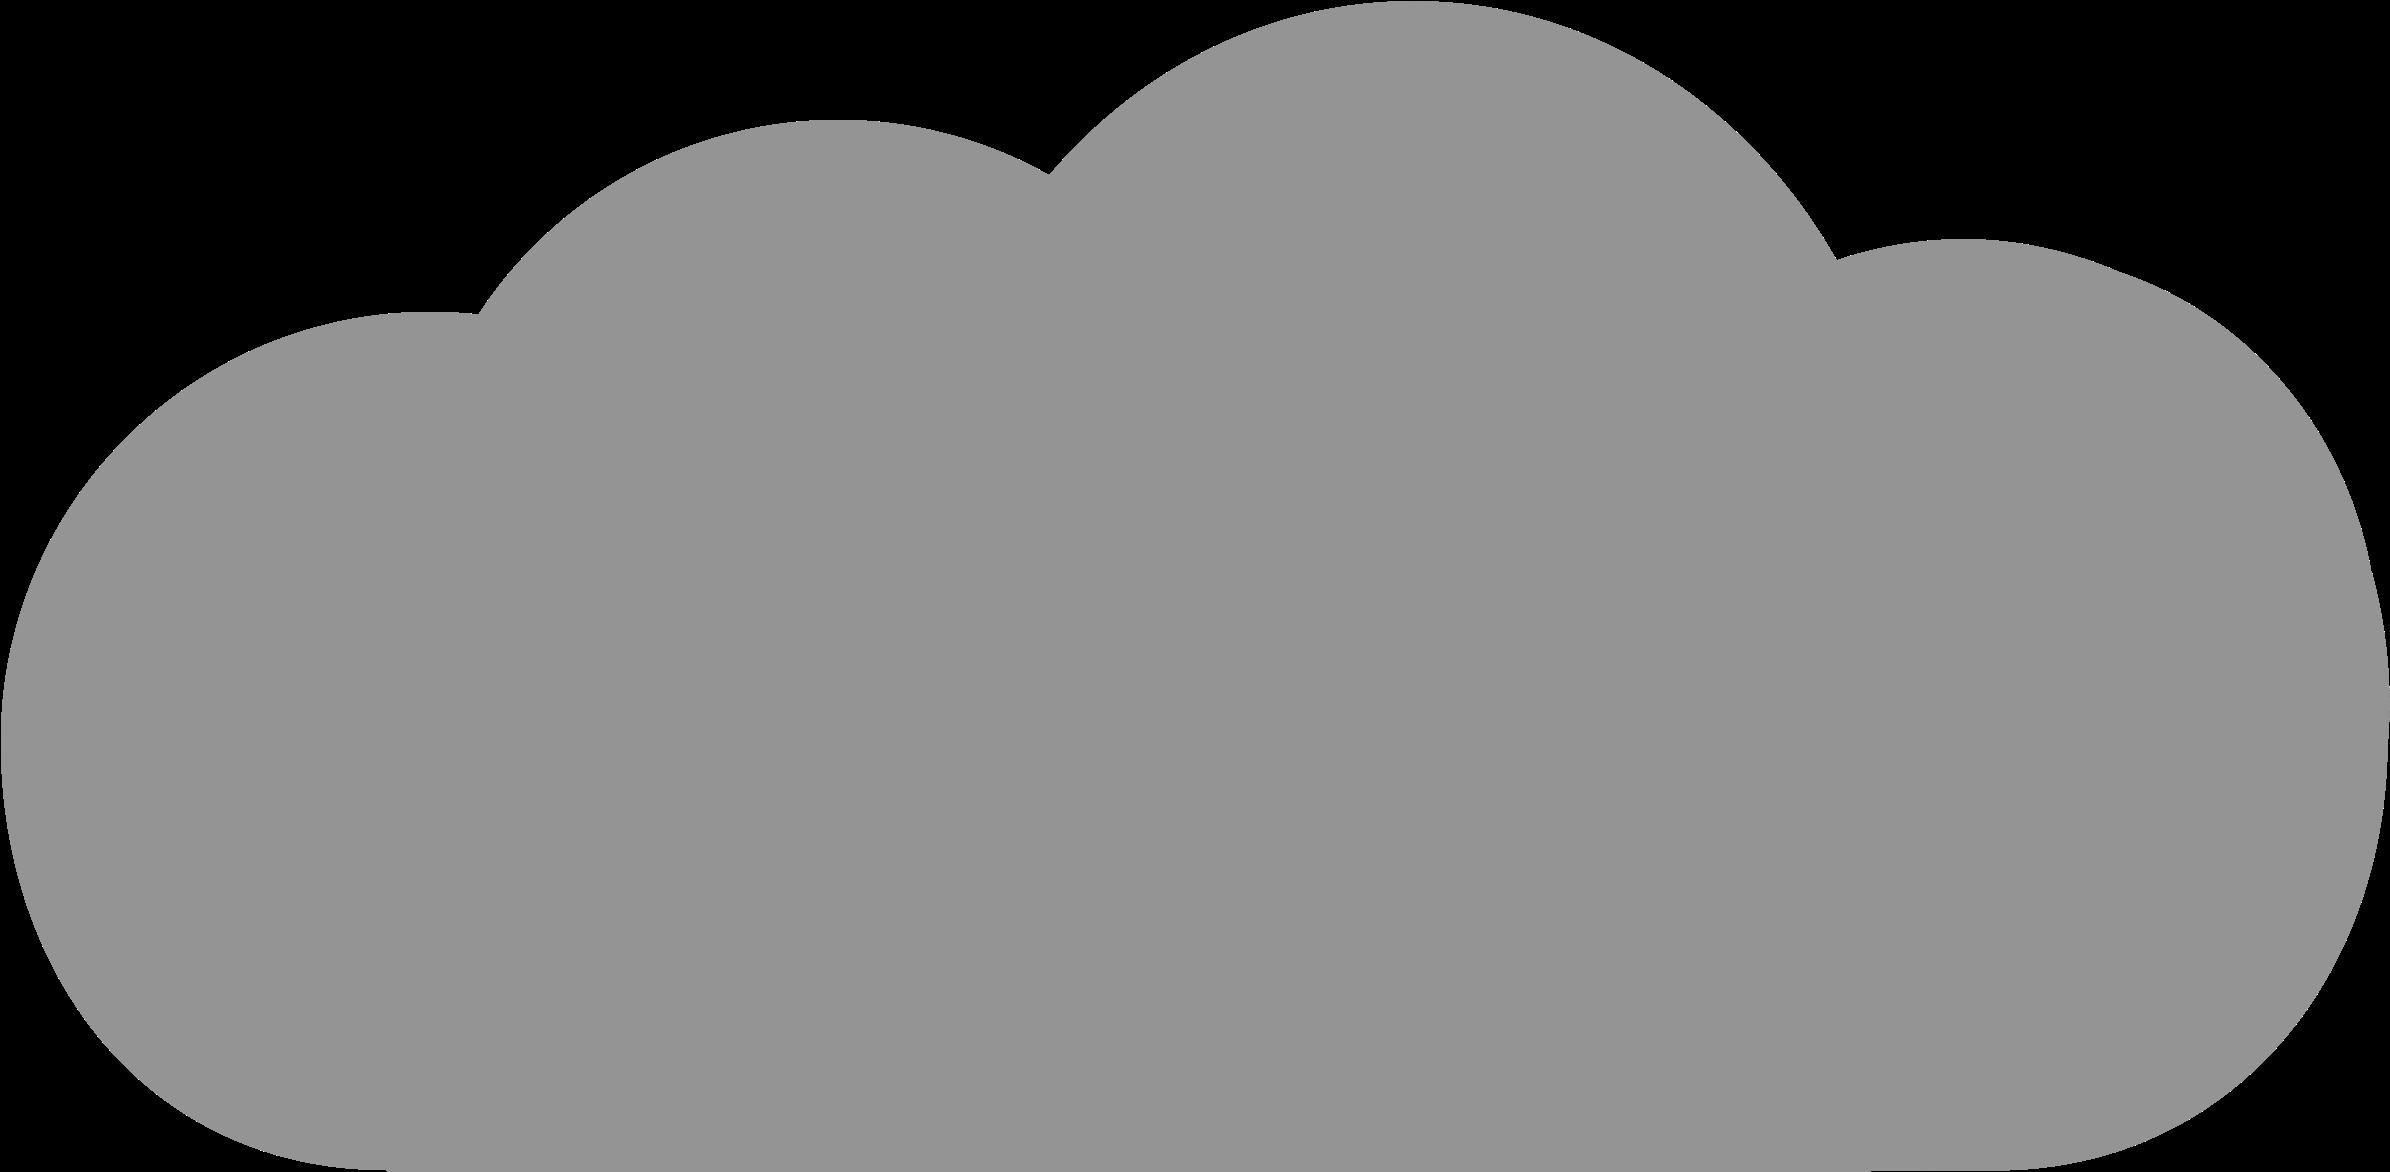 Big Gray Cloud